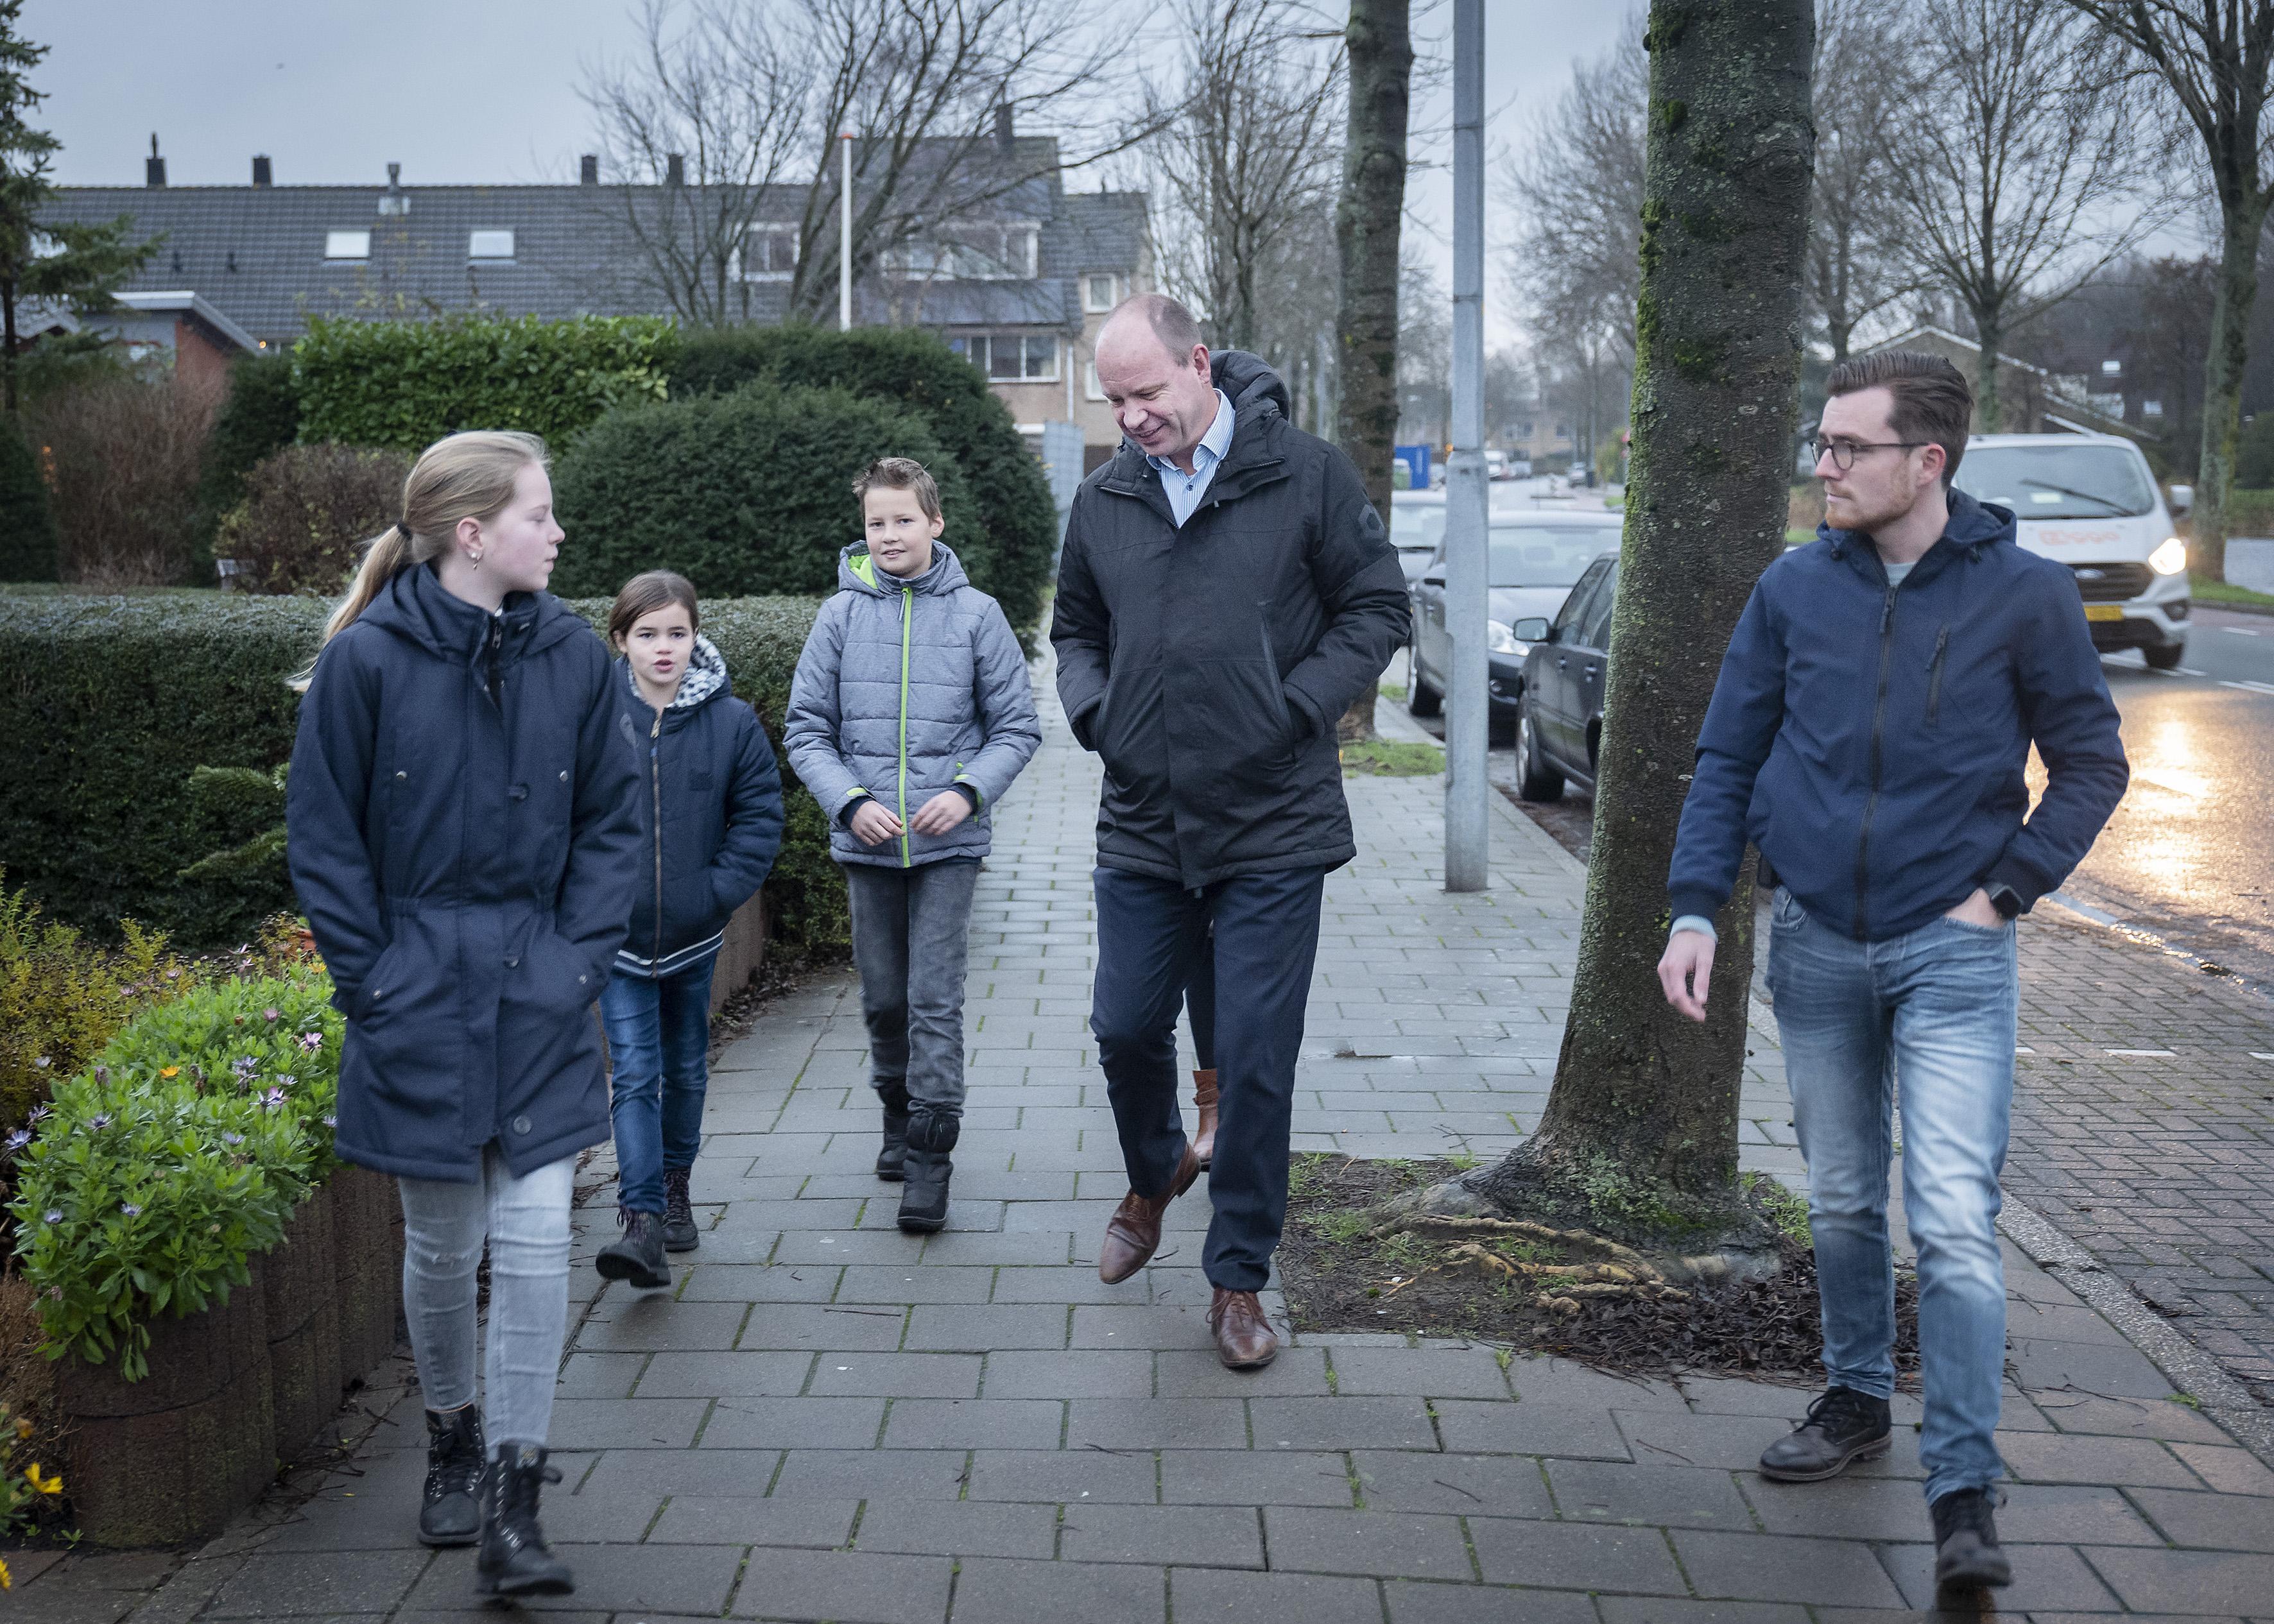 Wegversmalling, een zebrapad: hoe kan het veiliger bij Velserbroekse basisschool?